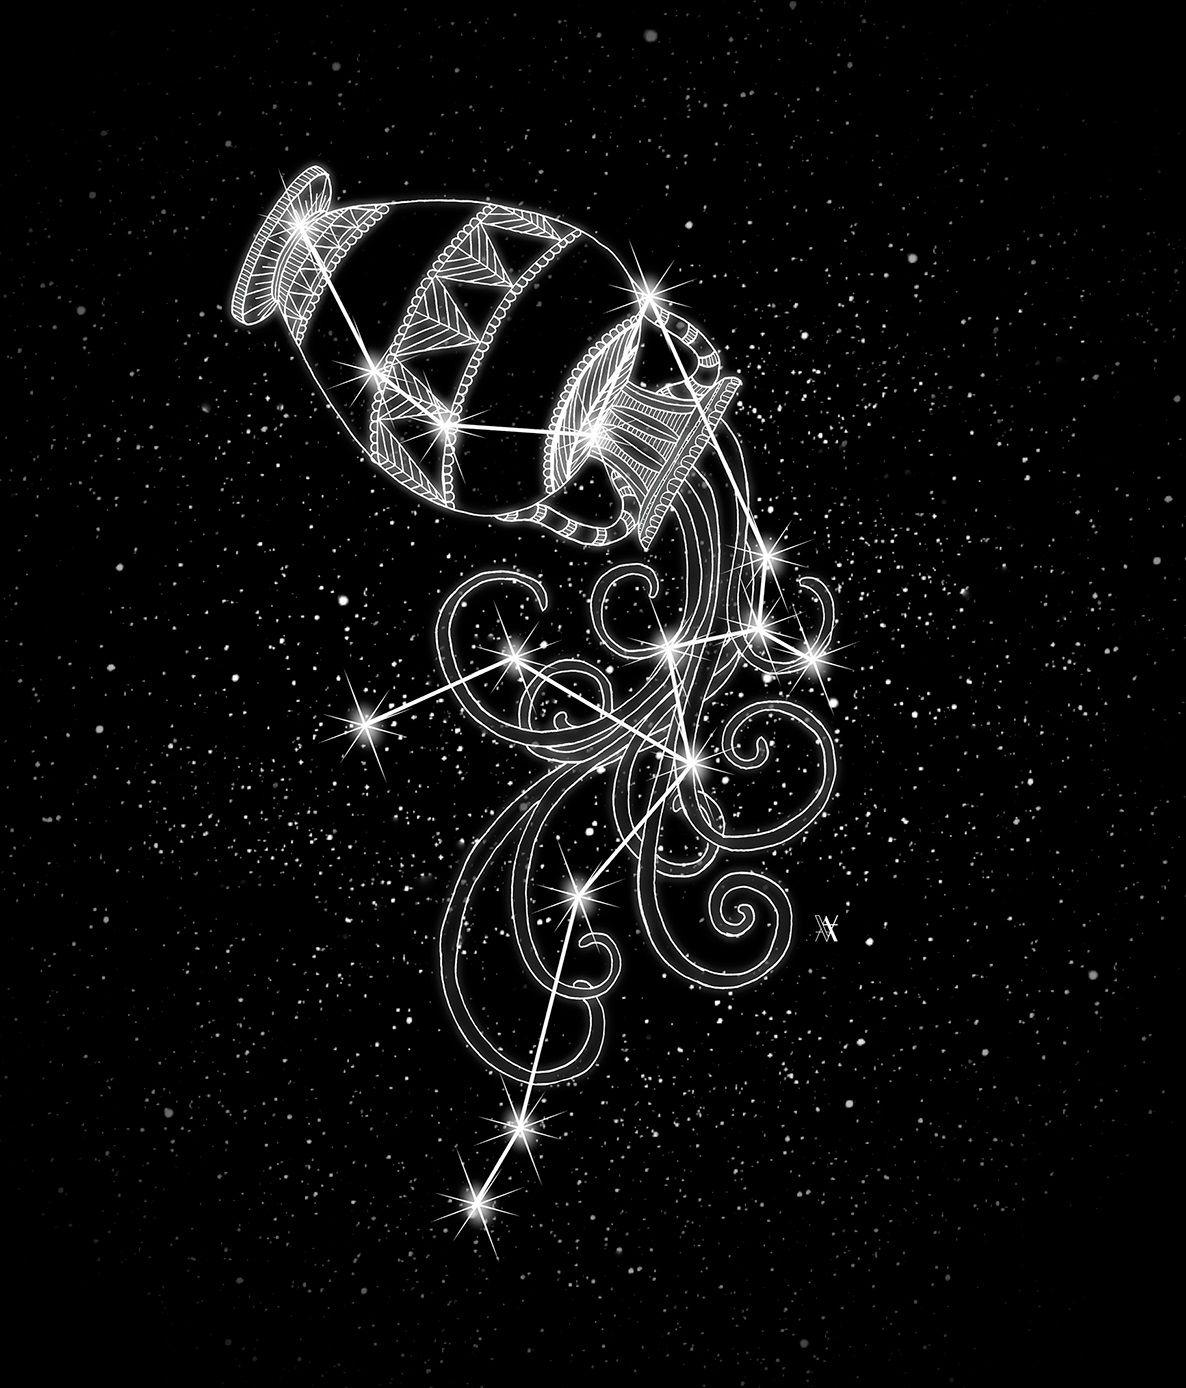 женщина мечтаем картинки татуировок знак водолея с абстракции москве